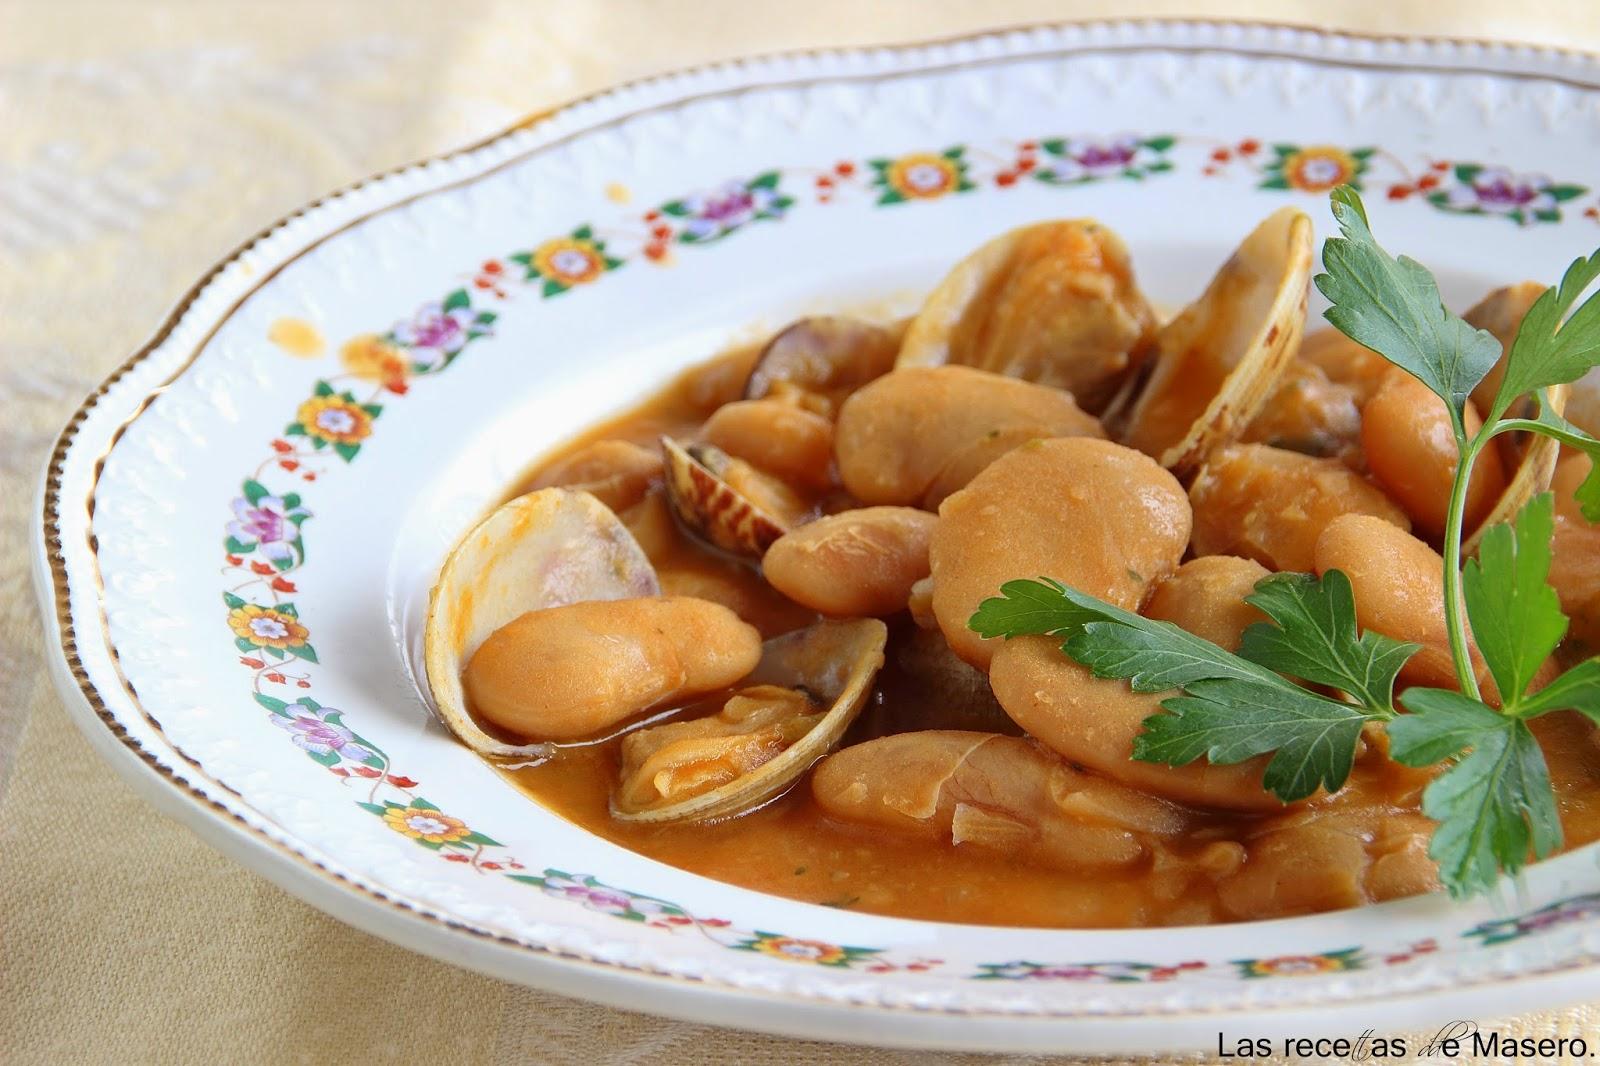 Las recetas de masero judiones con almejas en olla a presi n for Como cocinar almejas